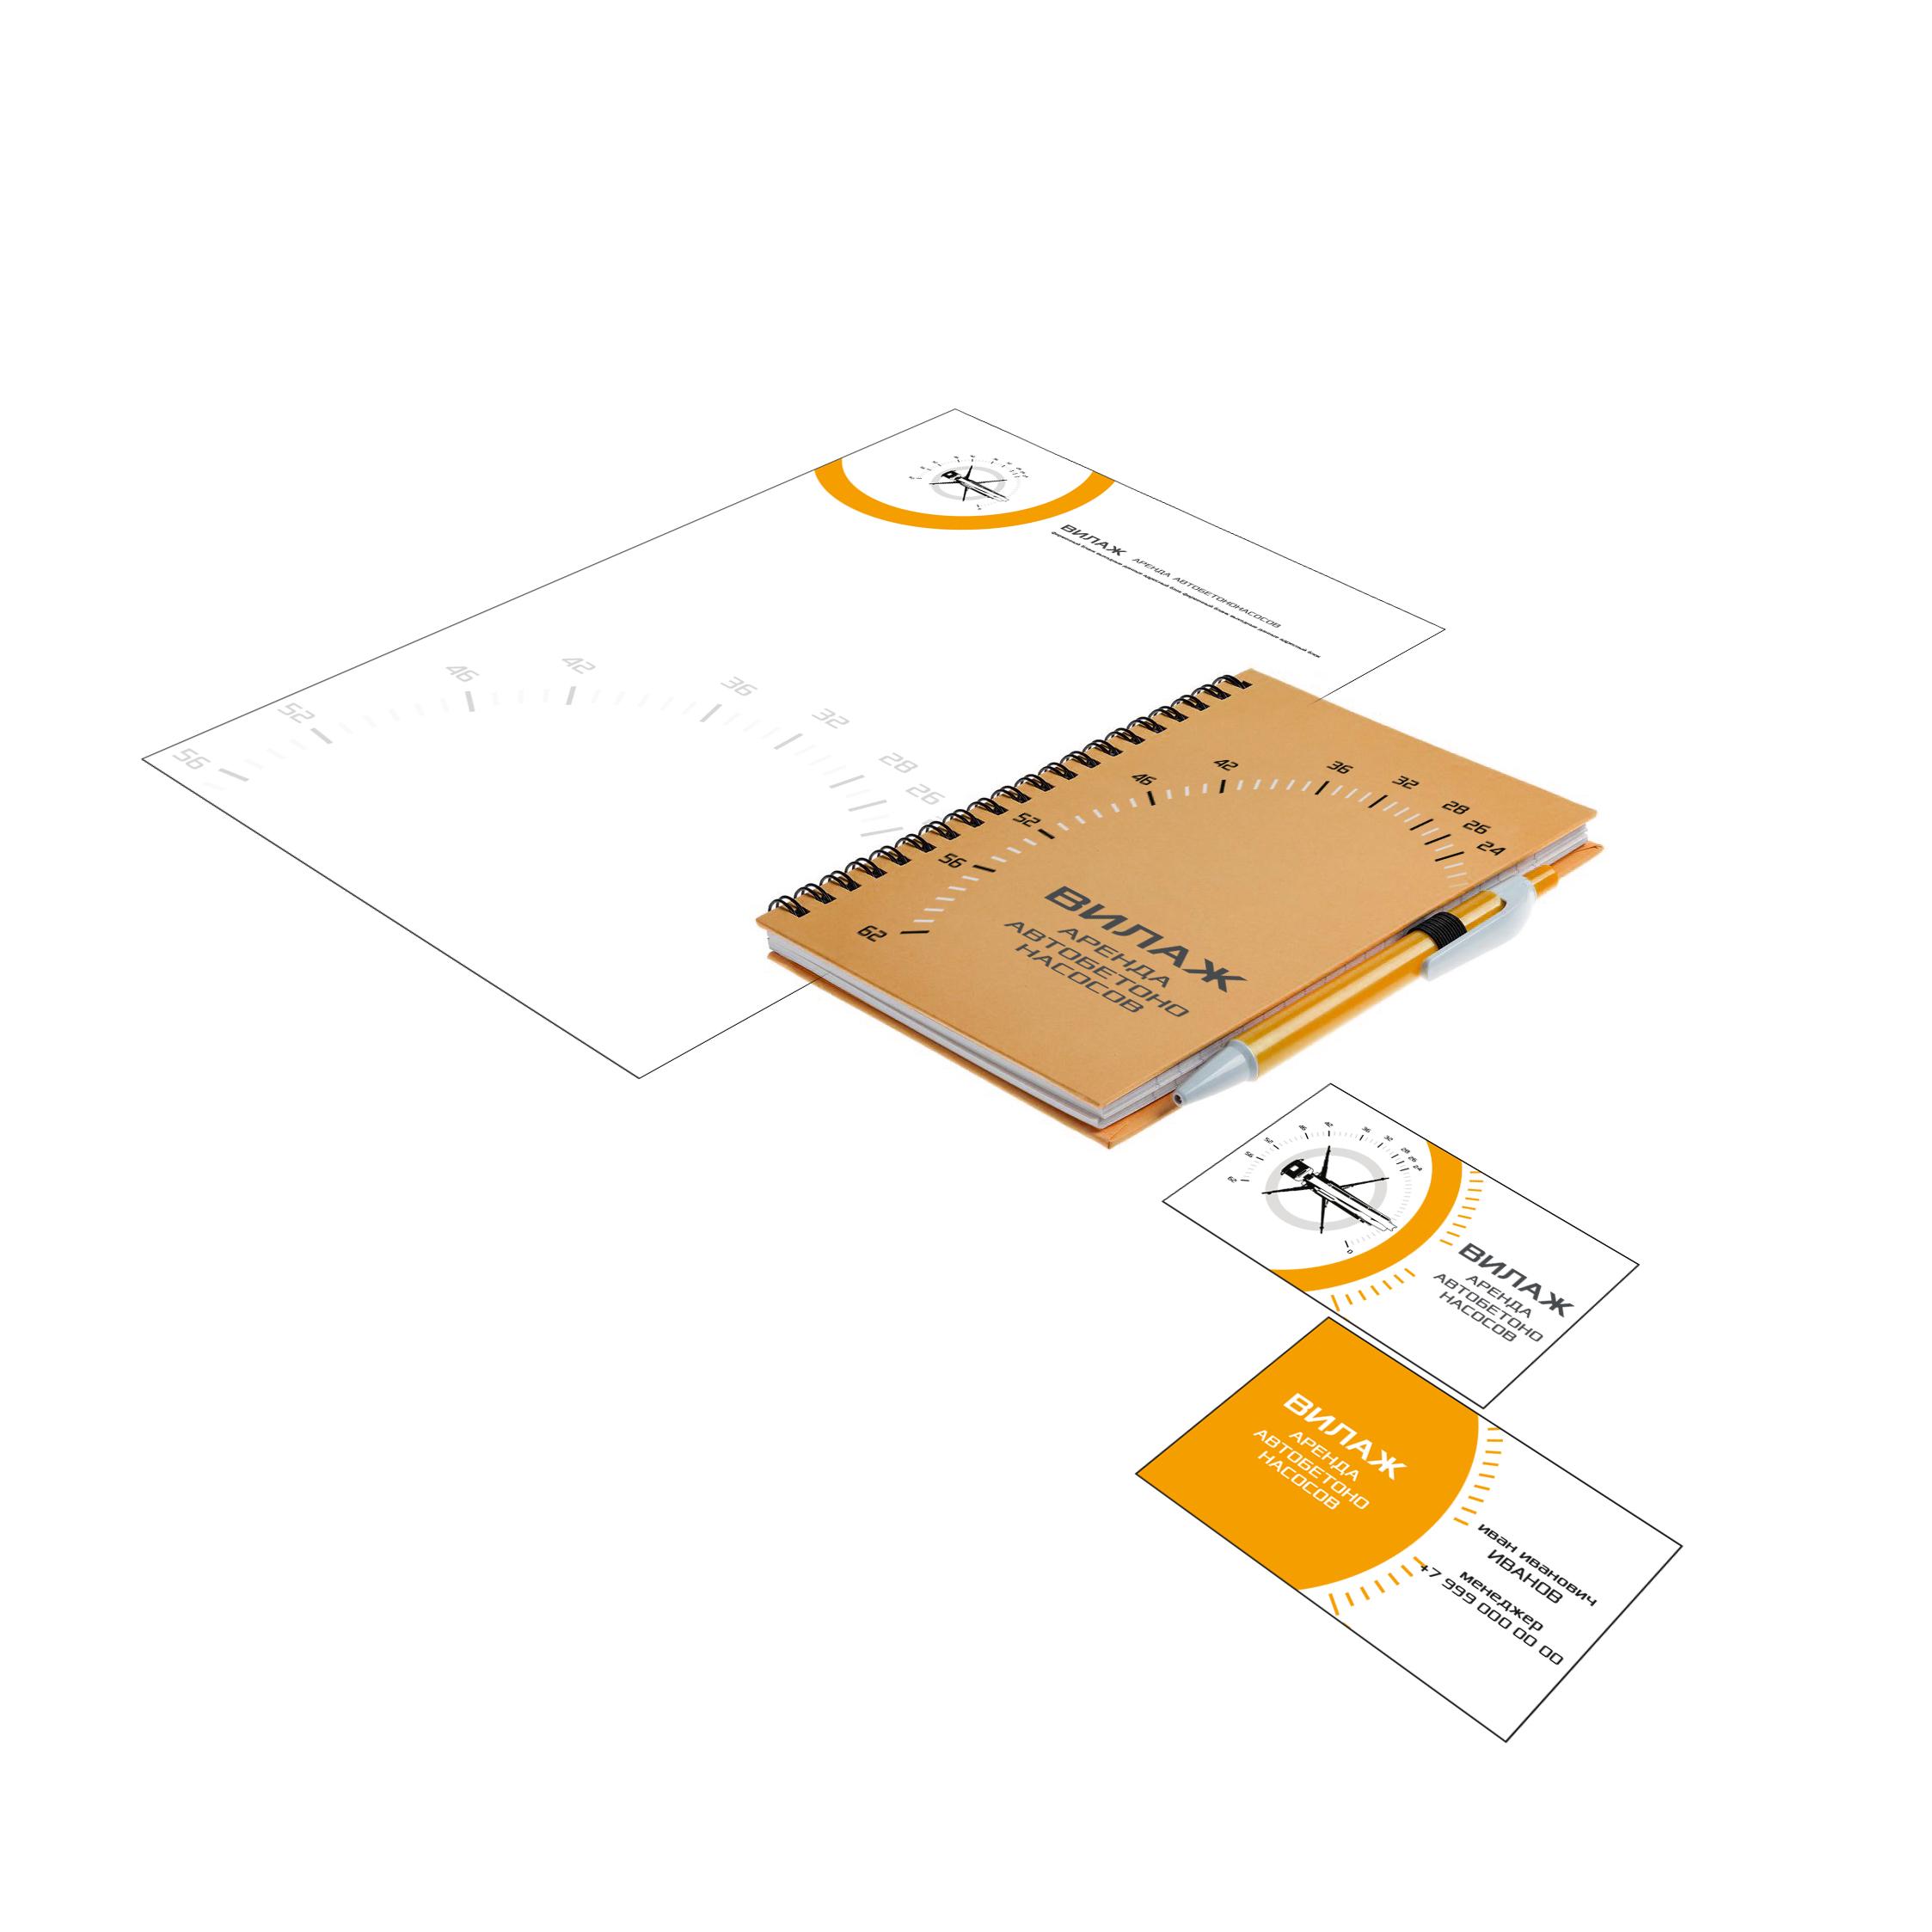 Разработать Брендбук с использованием готового логотипа фото f_0145fb6ce39a862a.jpg